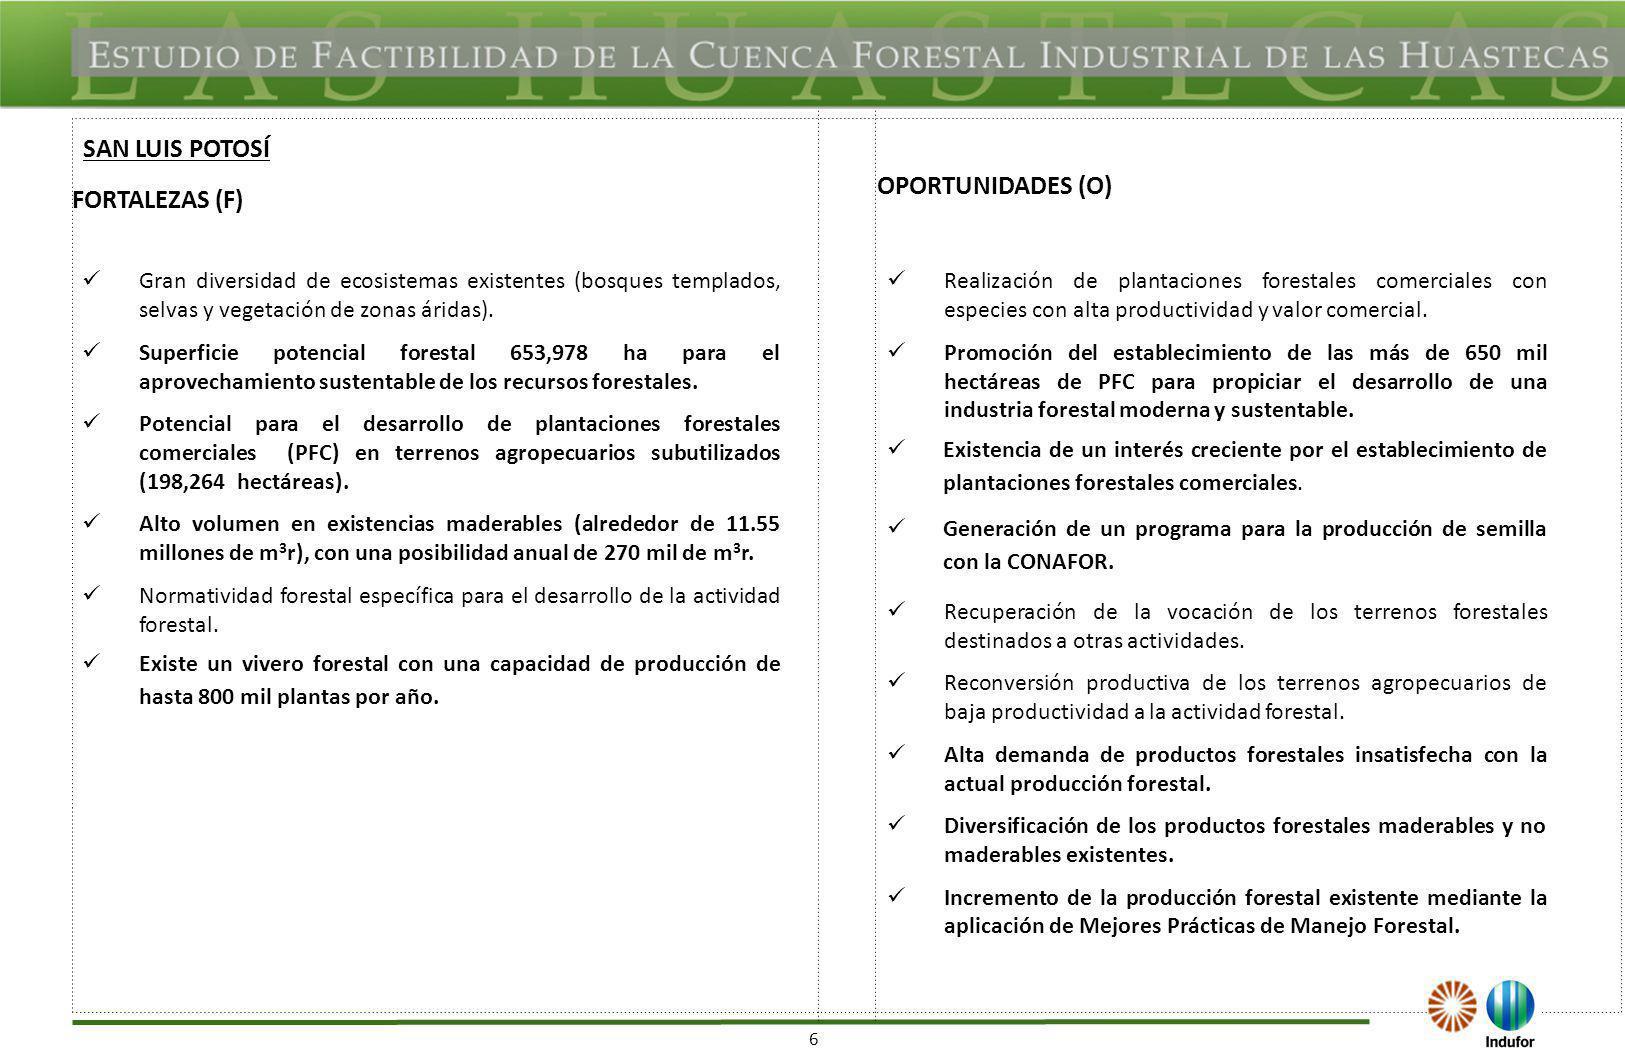 17 DEBILIDADES (D)AMENAZAS (A) Escasas obras de conservación y restauración de suelos.